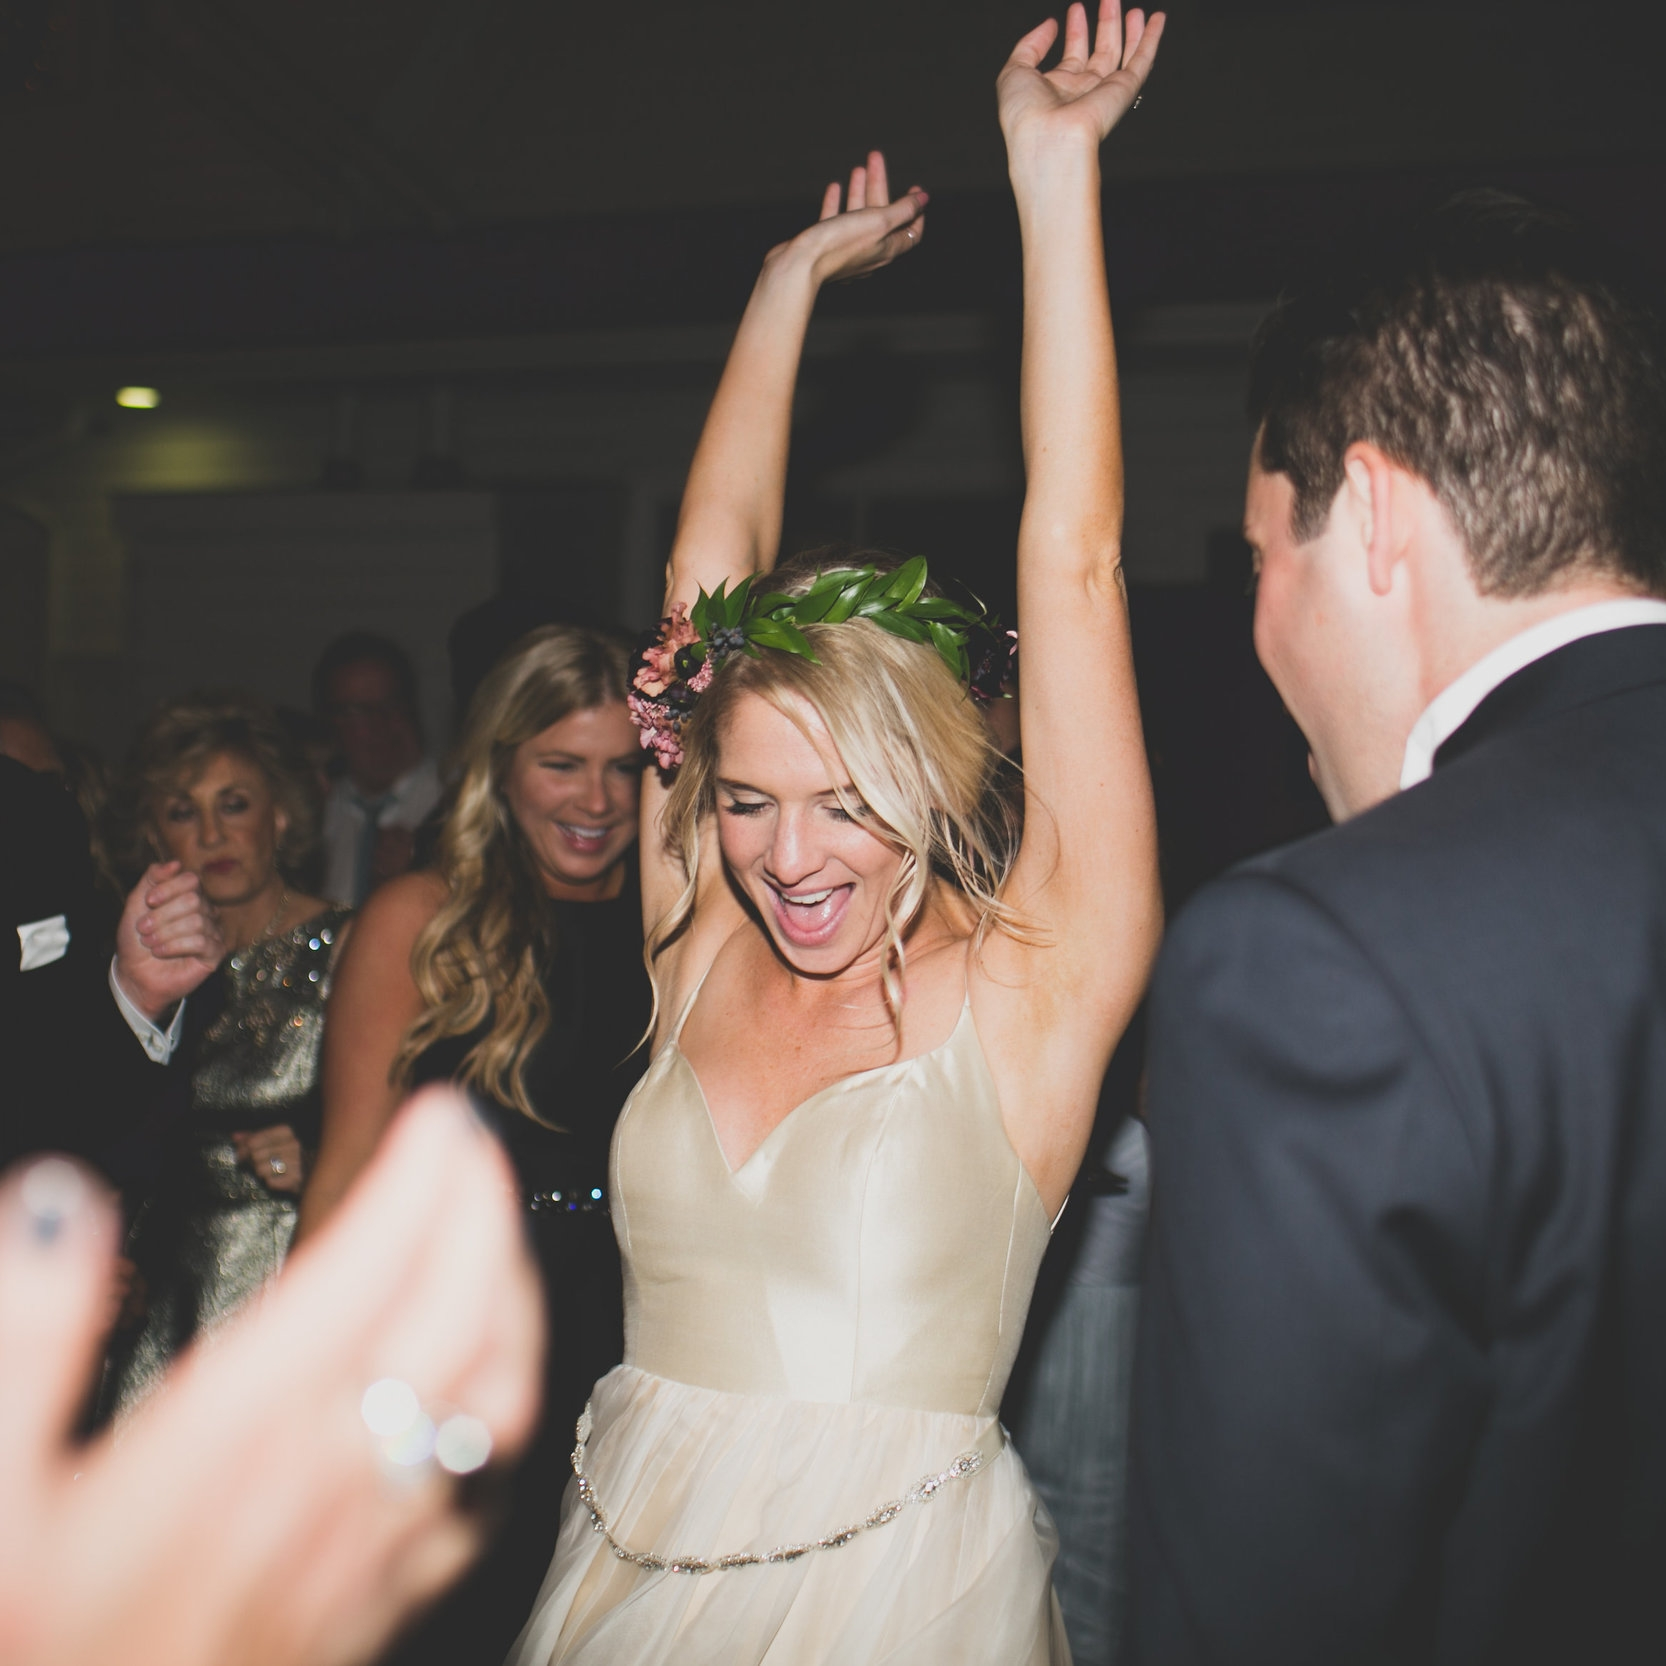 BRIDE DANCING HANDS UP